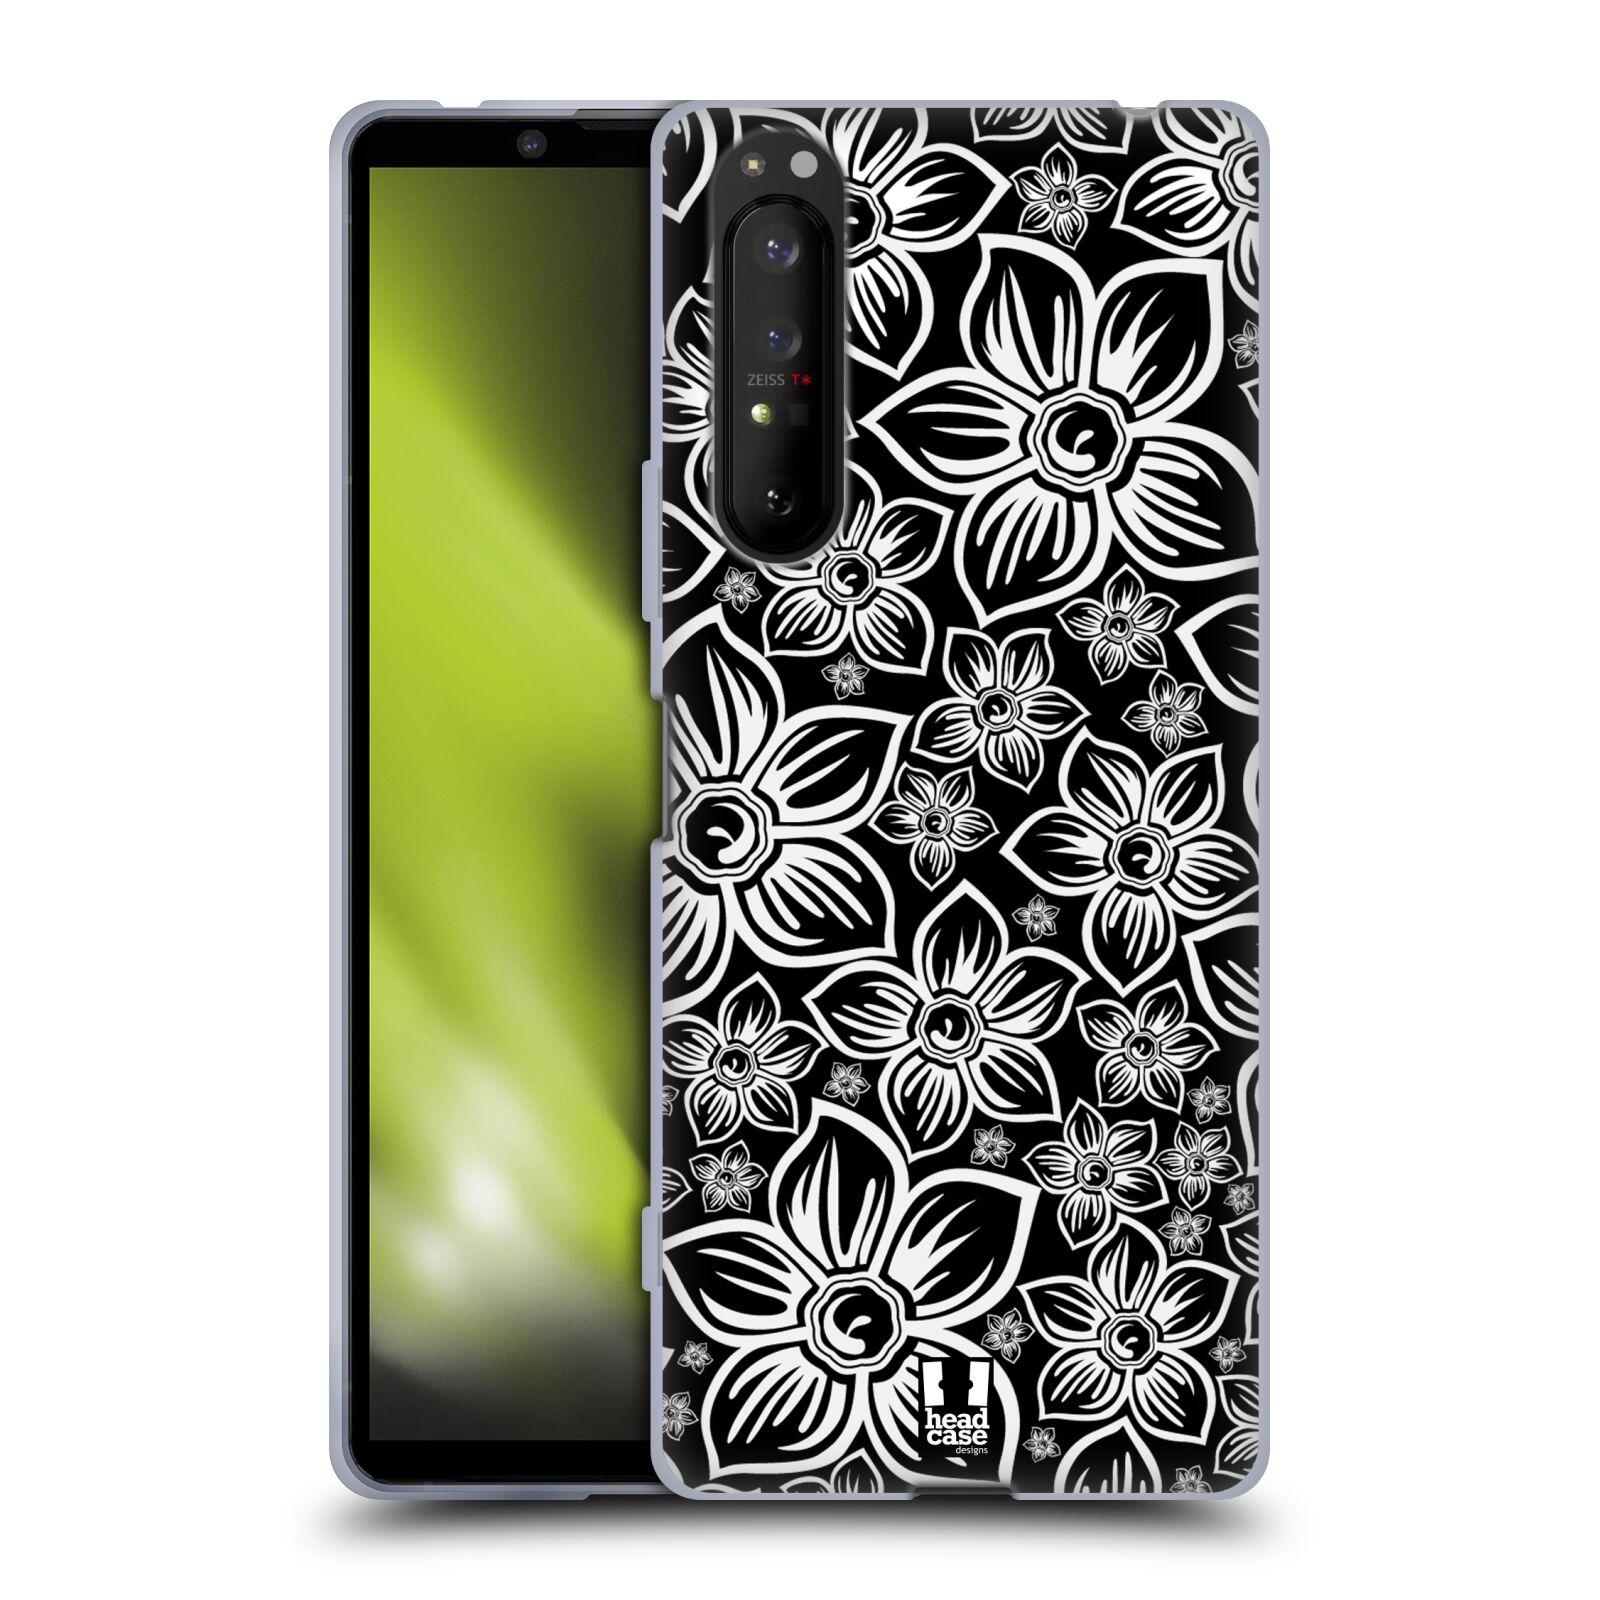 Silikonové pouzdro na mobil Sony Xperia 1 II - Head Case - FLORAL DAISY